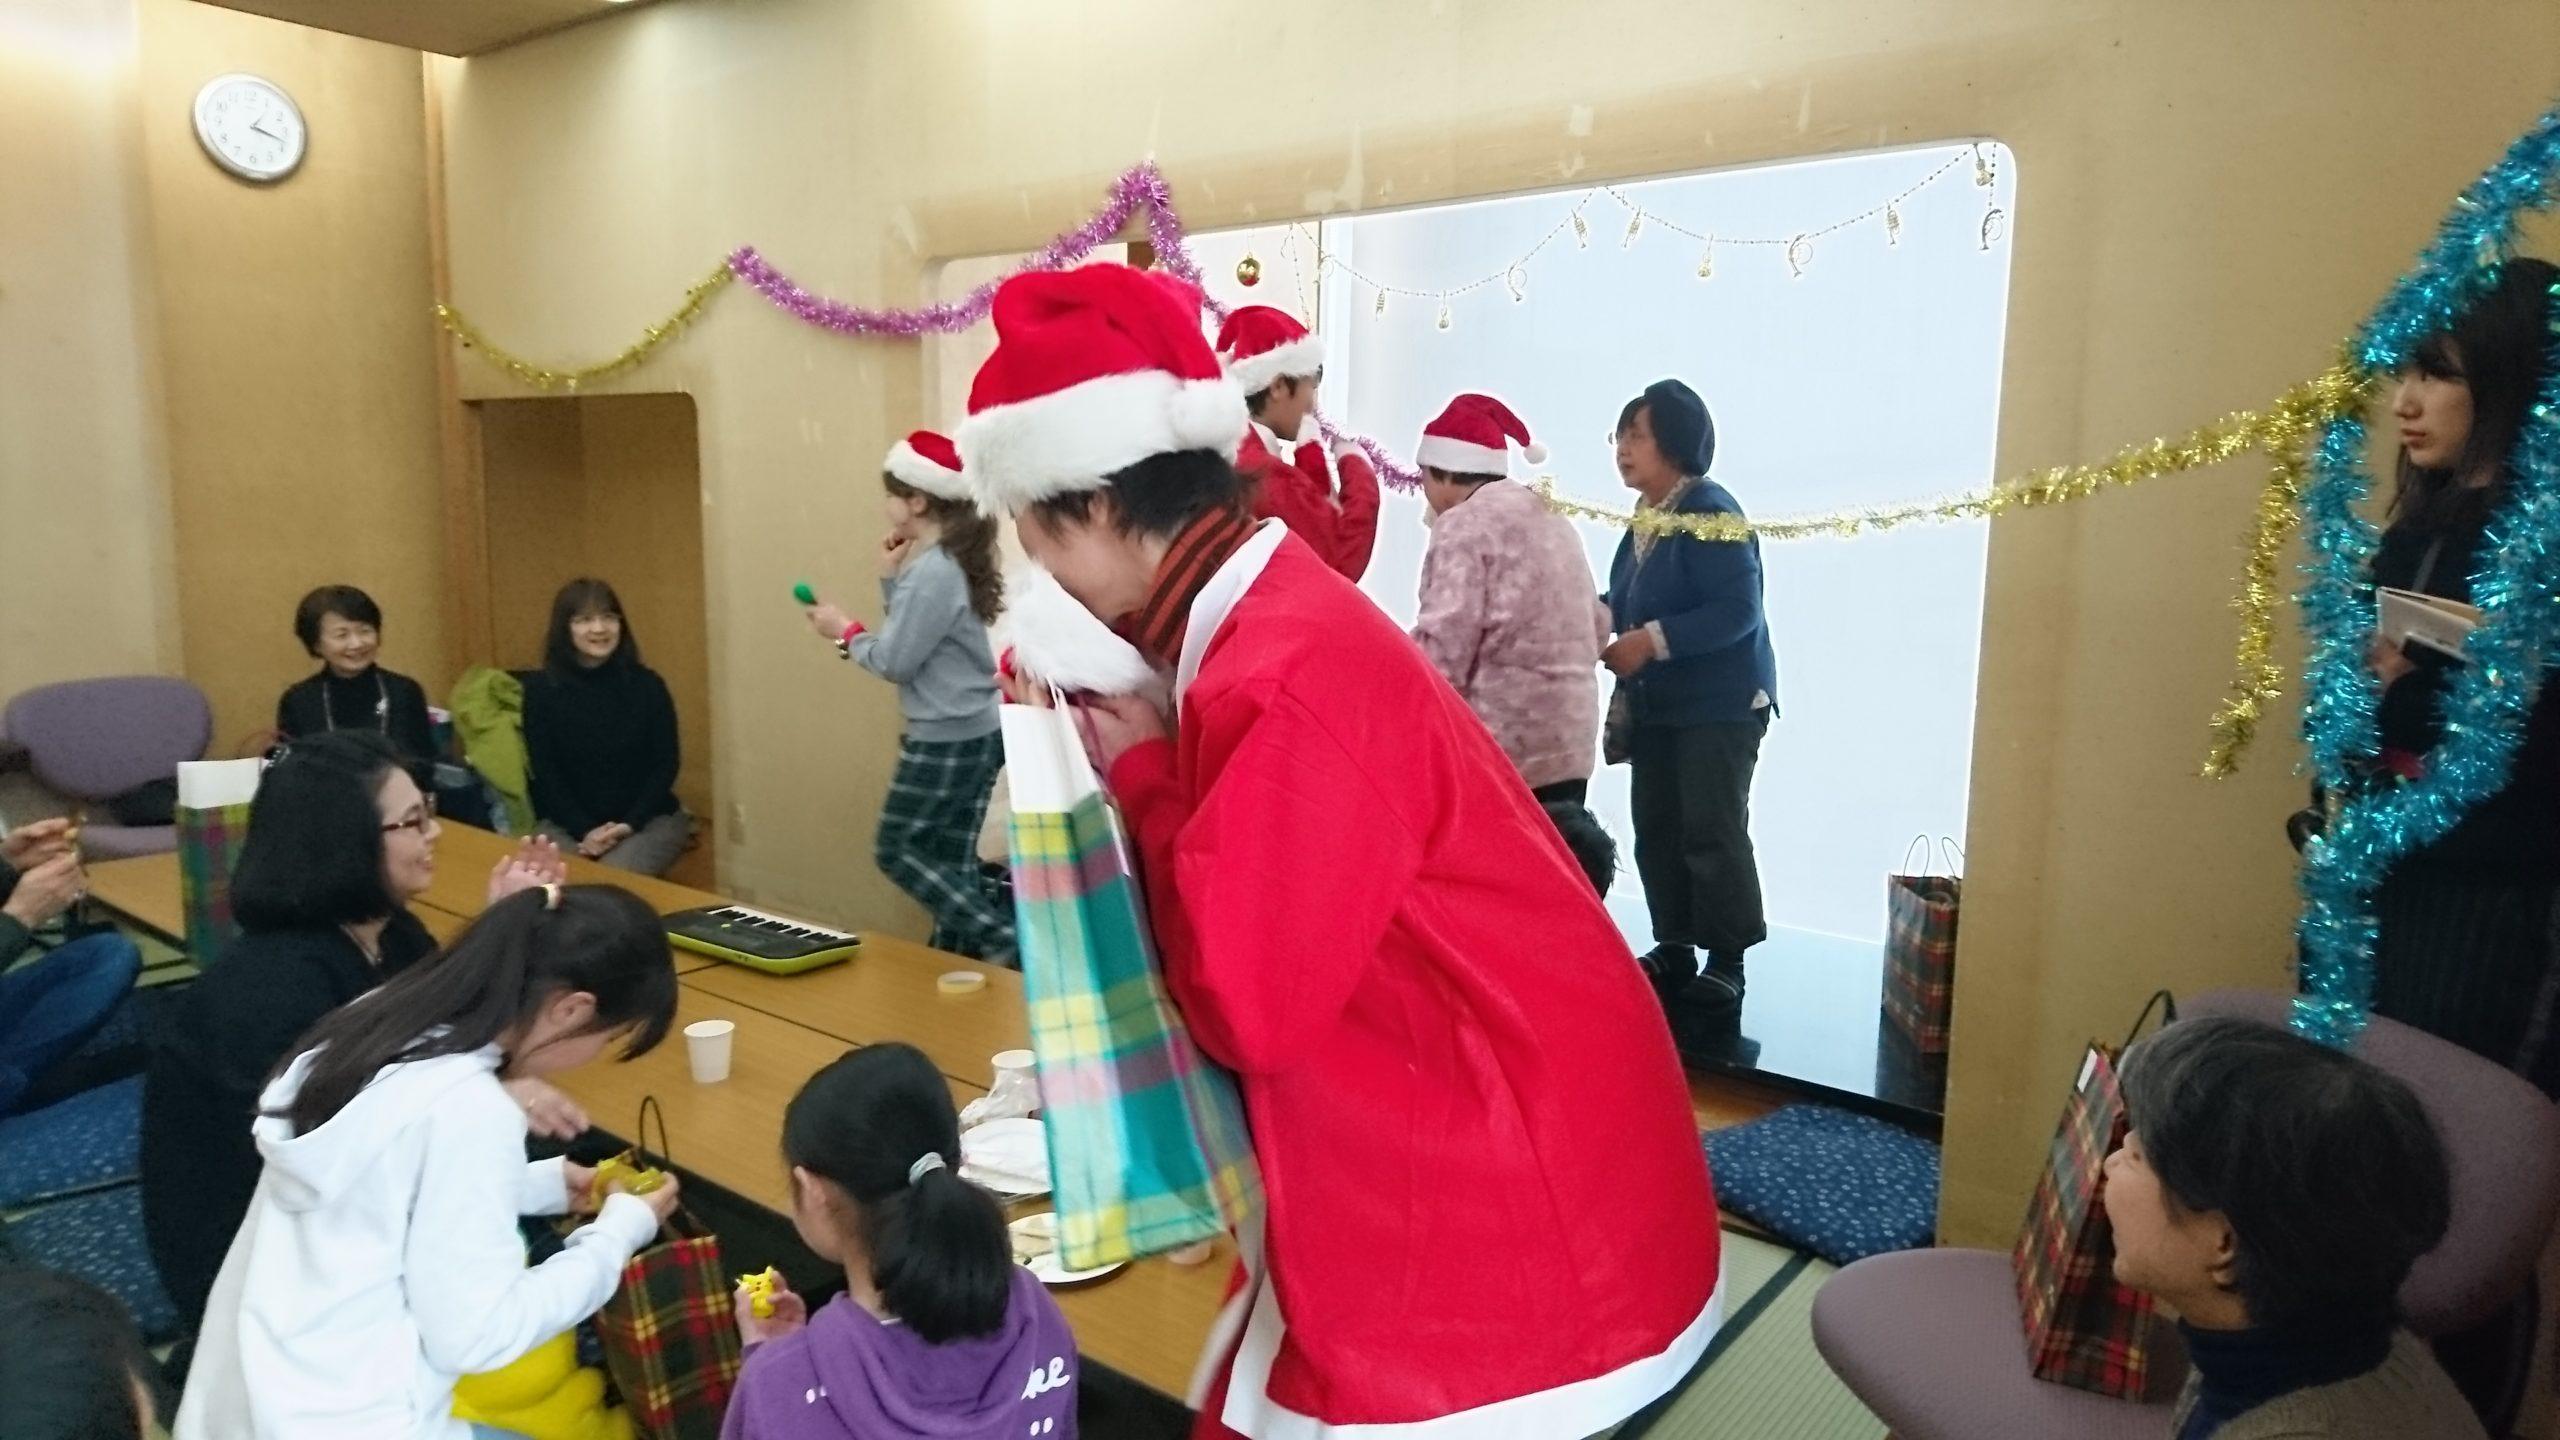 ひまわり教室で開催したクリスマス会の様子